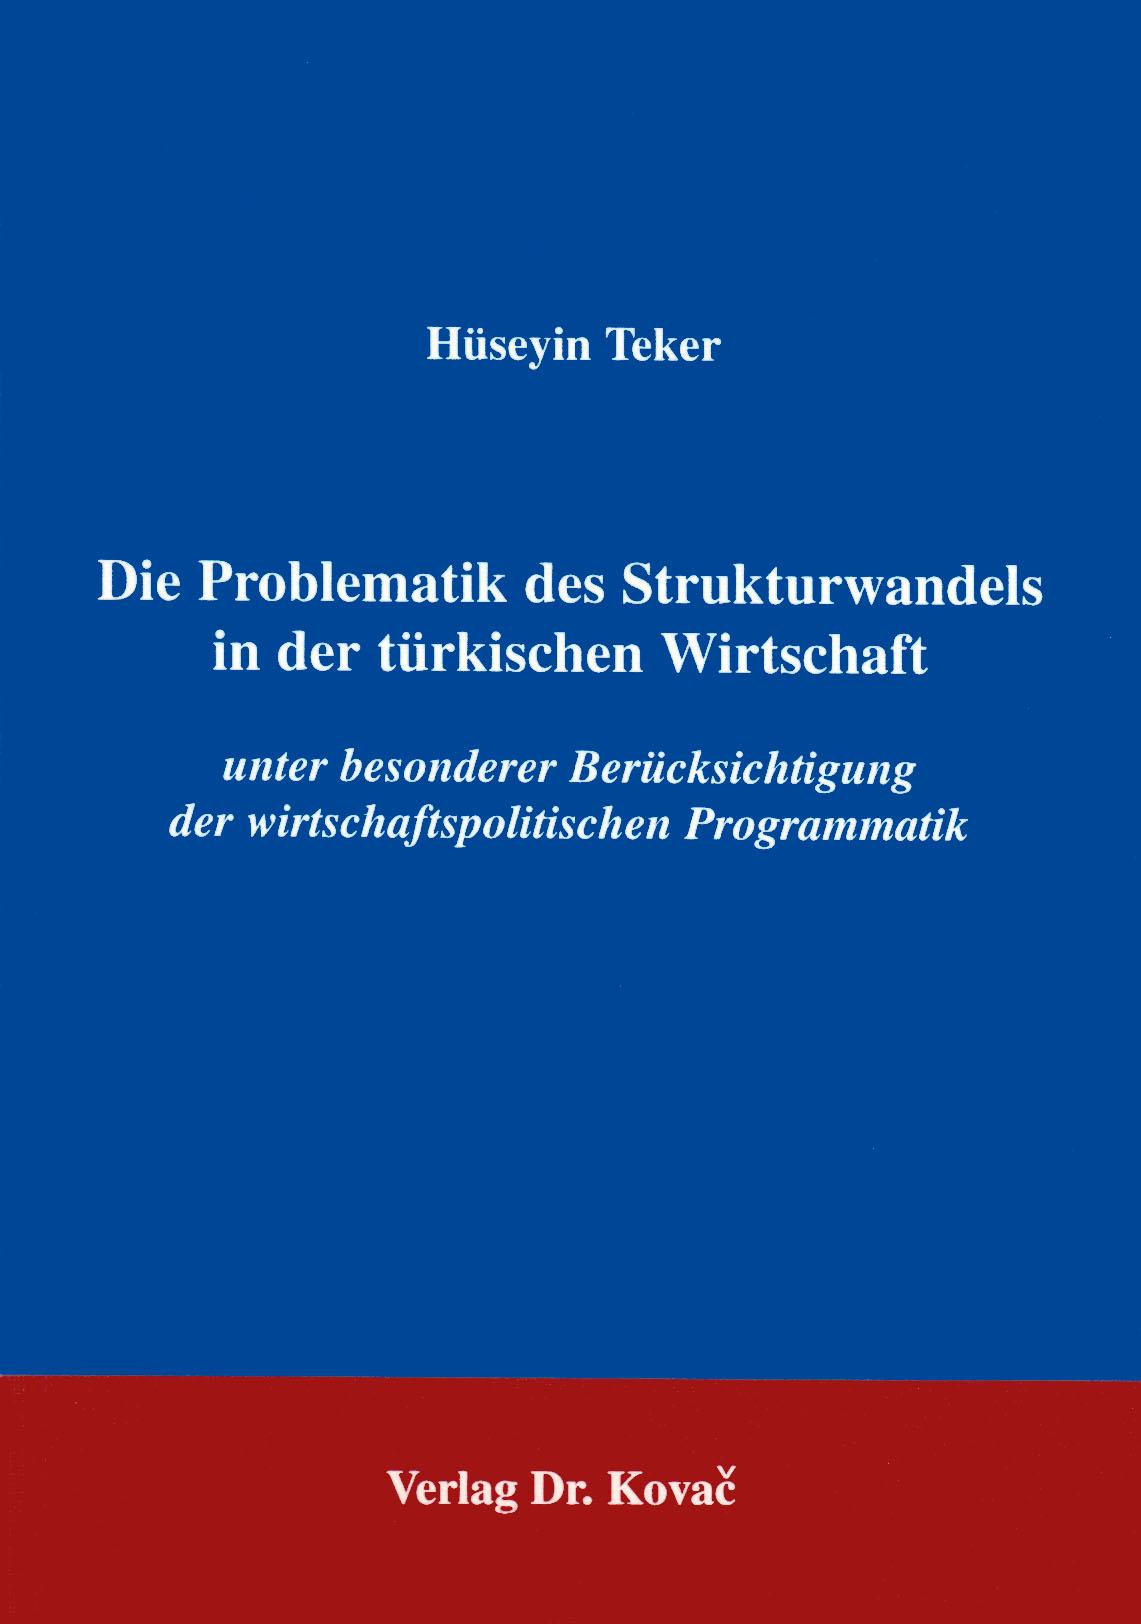 Cover: Die Problematik des Strukturwandels in der türkischen Wirtschaft